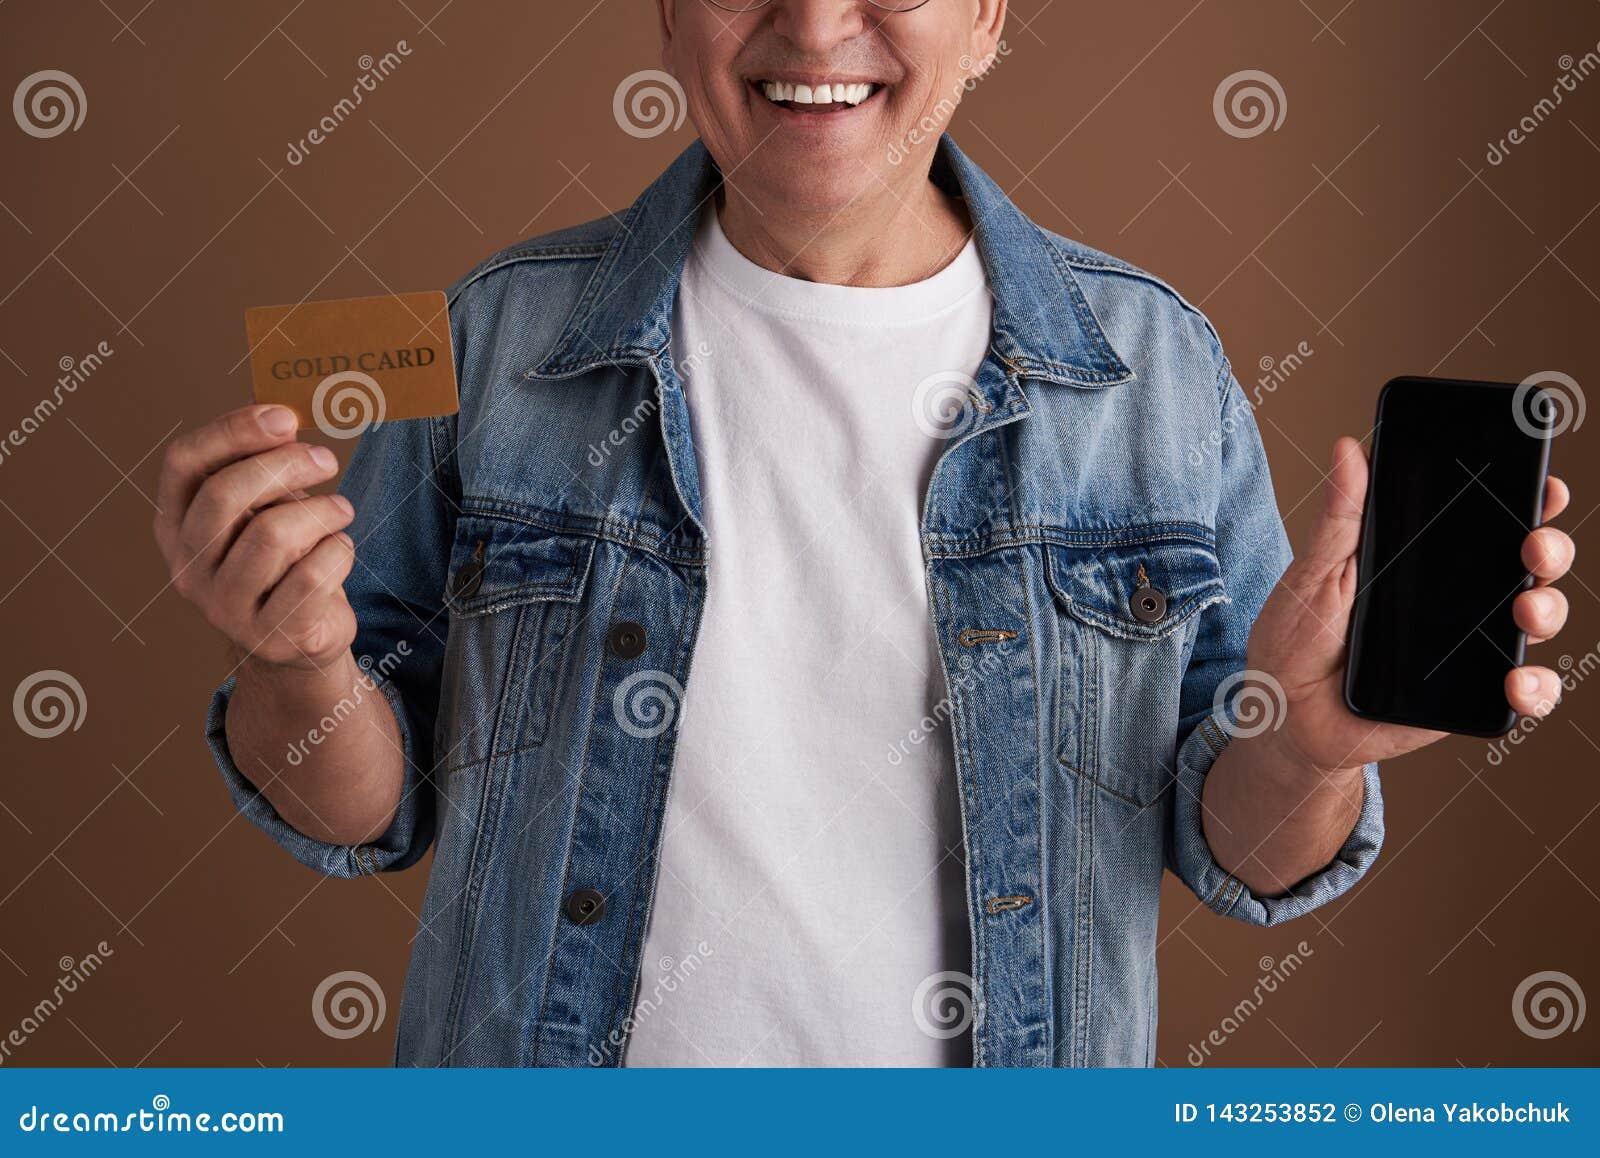 Κλείστε επάνω της χρυσής κάρτας και της σύγχρονης συσκευής στα χέρια του χαμογελώντας ατόμου